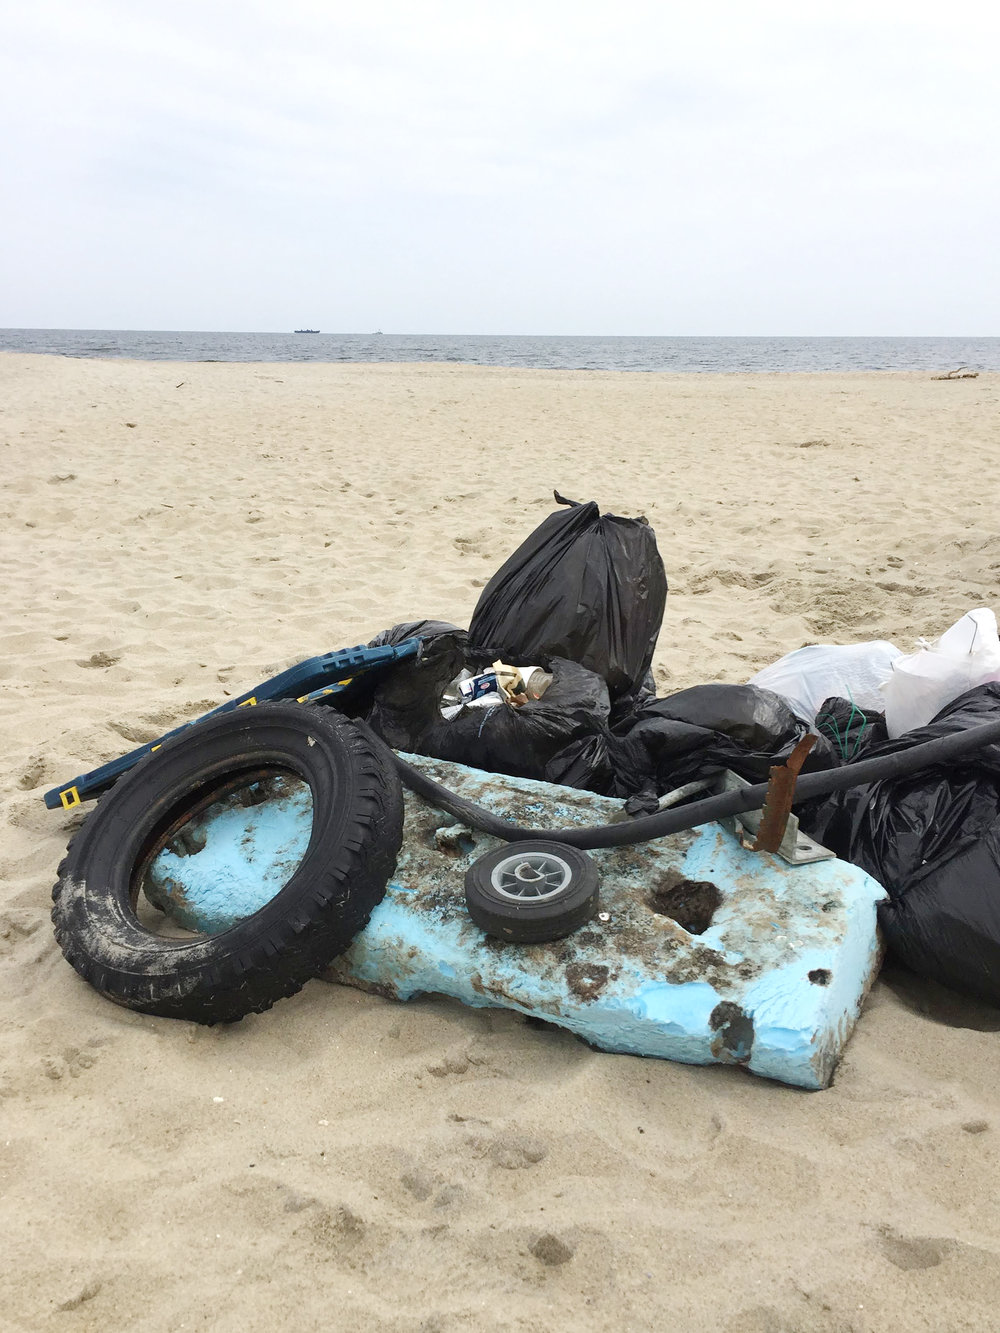 amy_chen_design_surfrider_asbury_park_new_jersey_beach_clean_trash_pile.JPG